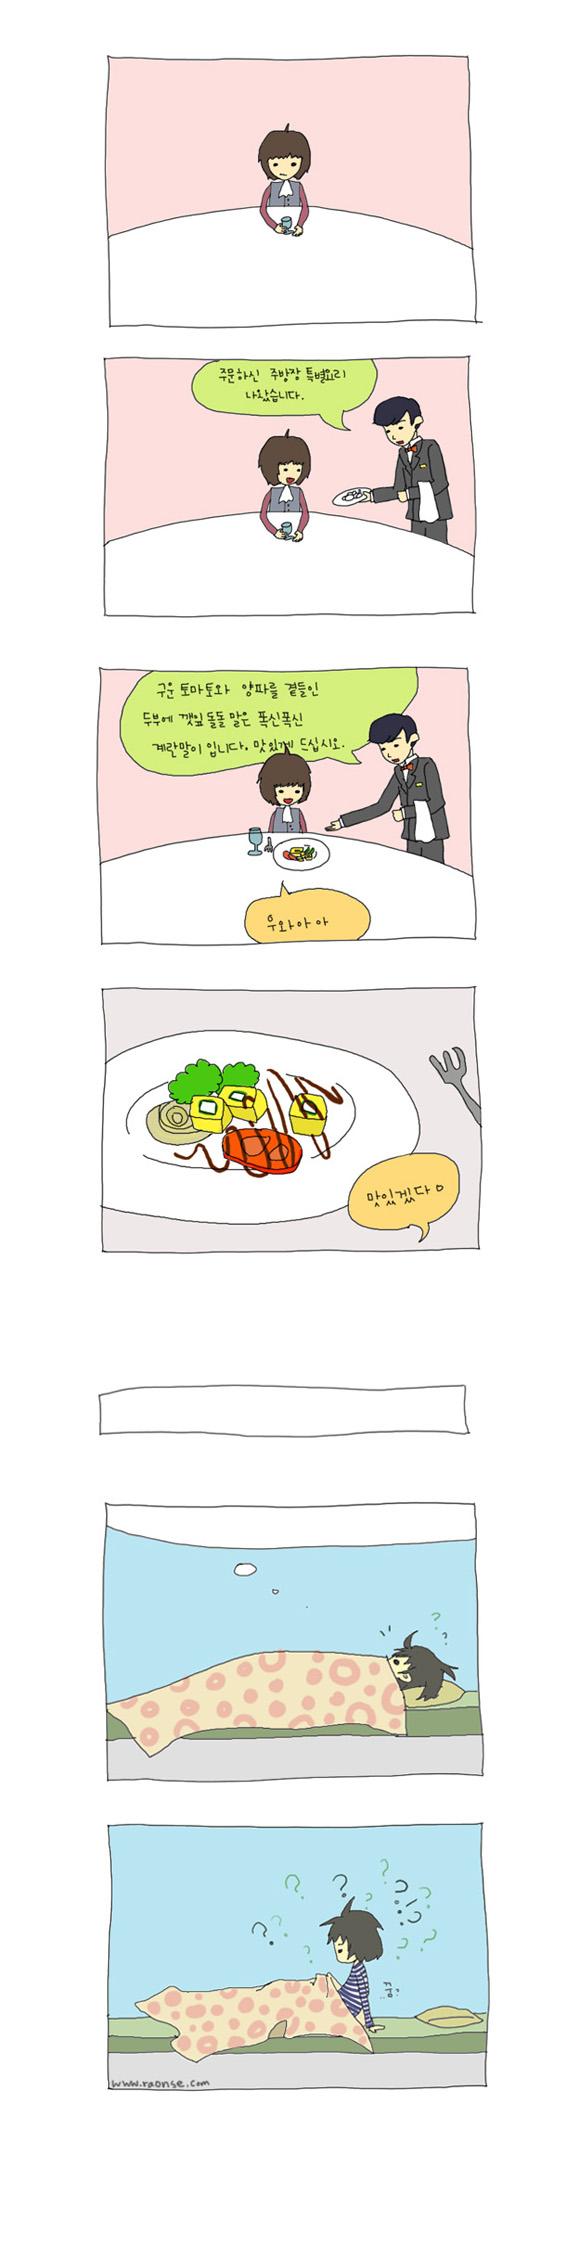 [trifle]구운 토마토와 양파를 곁들인..무어무어??